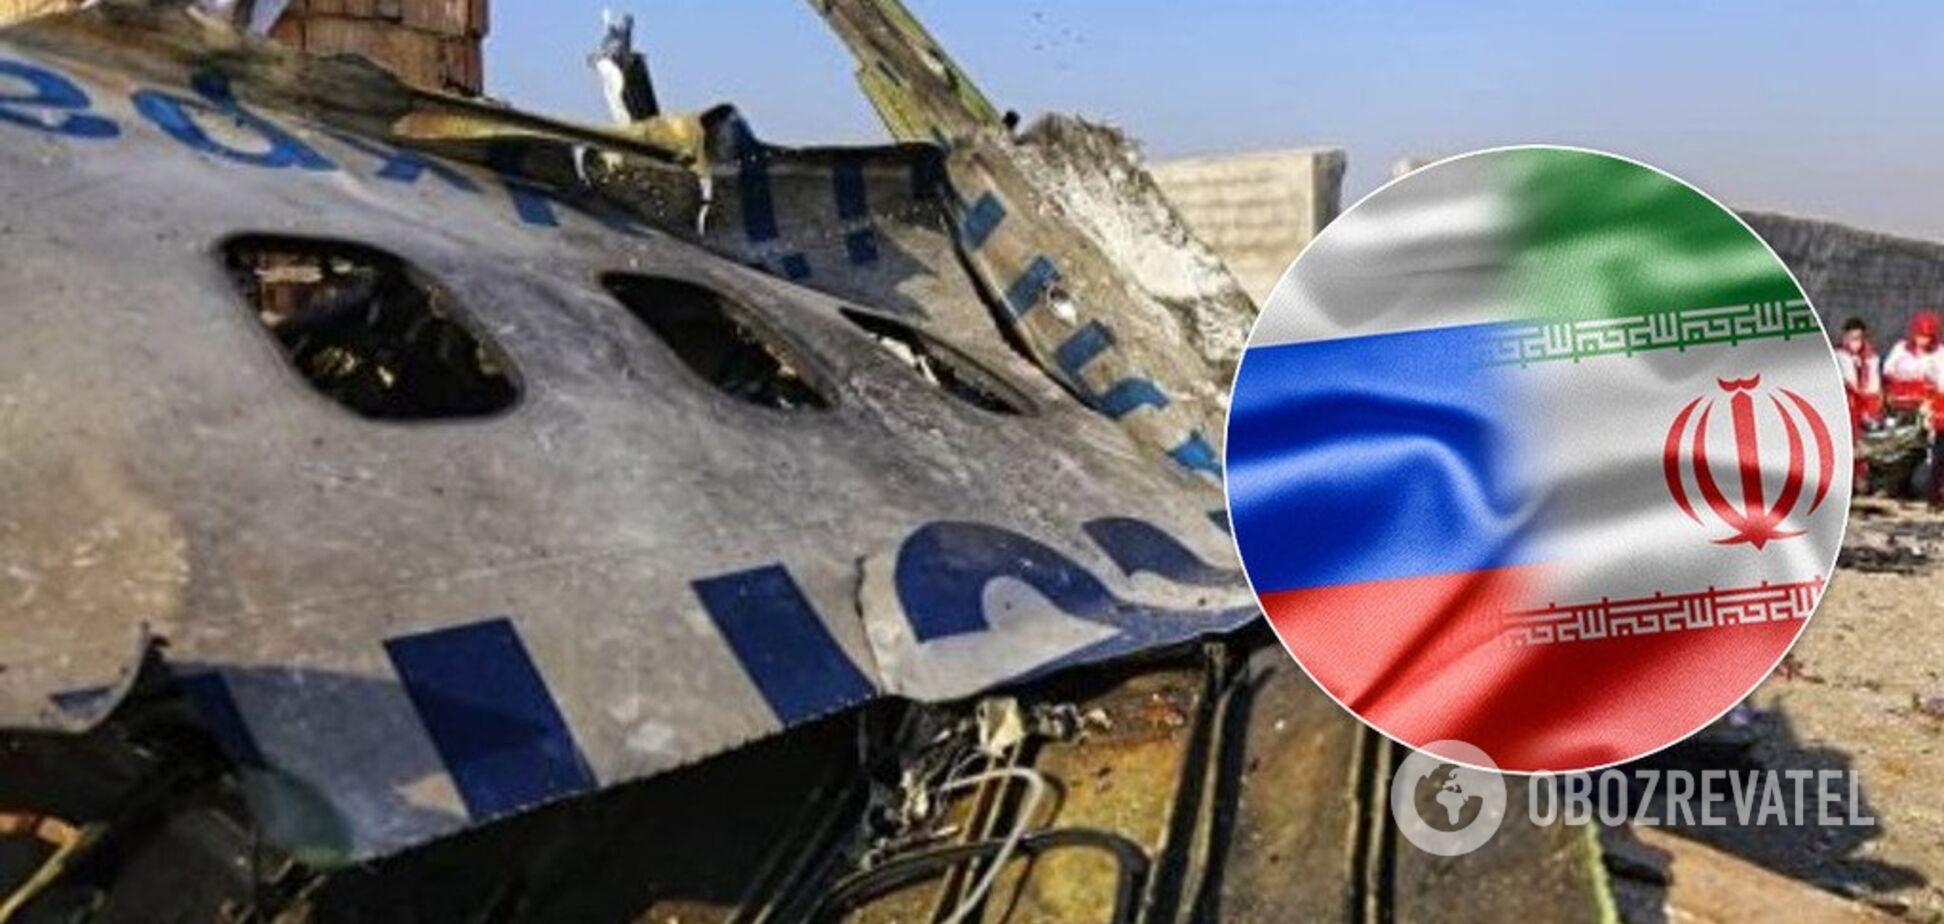 'Спровоцировали США!' В России заступились за Иран касаемо сбития самолета МАУ